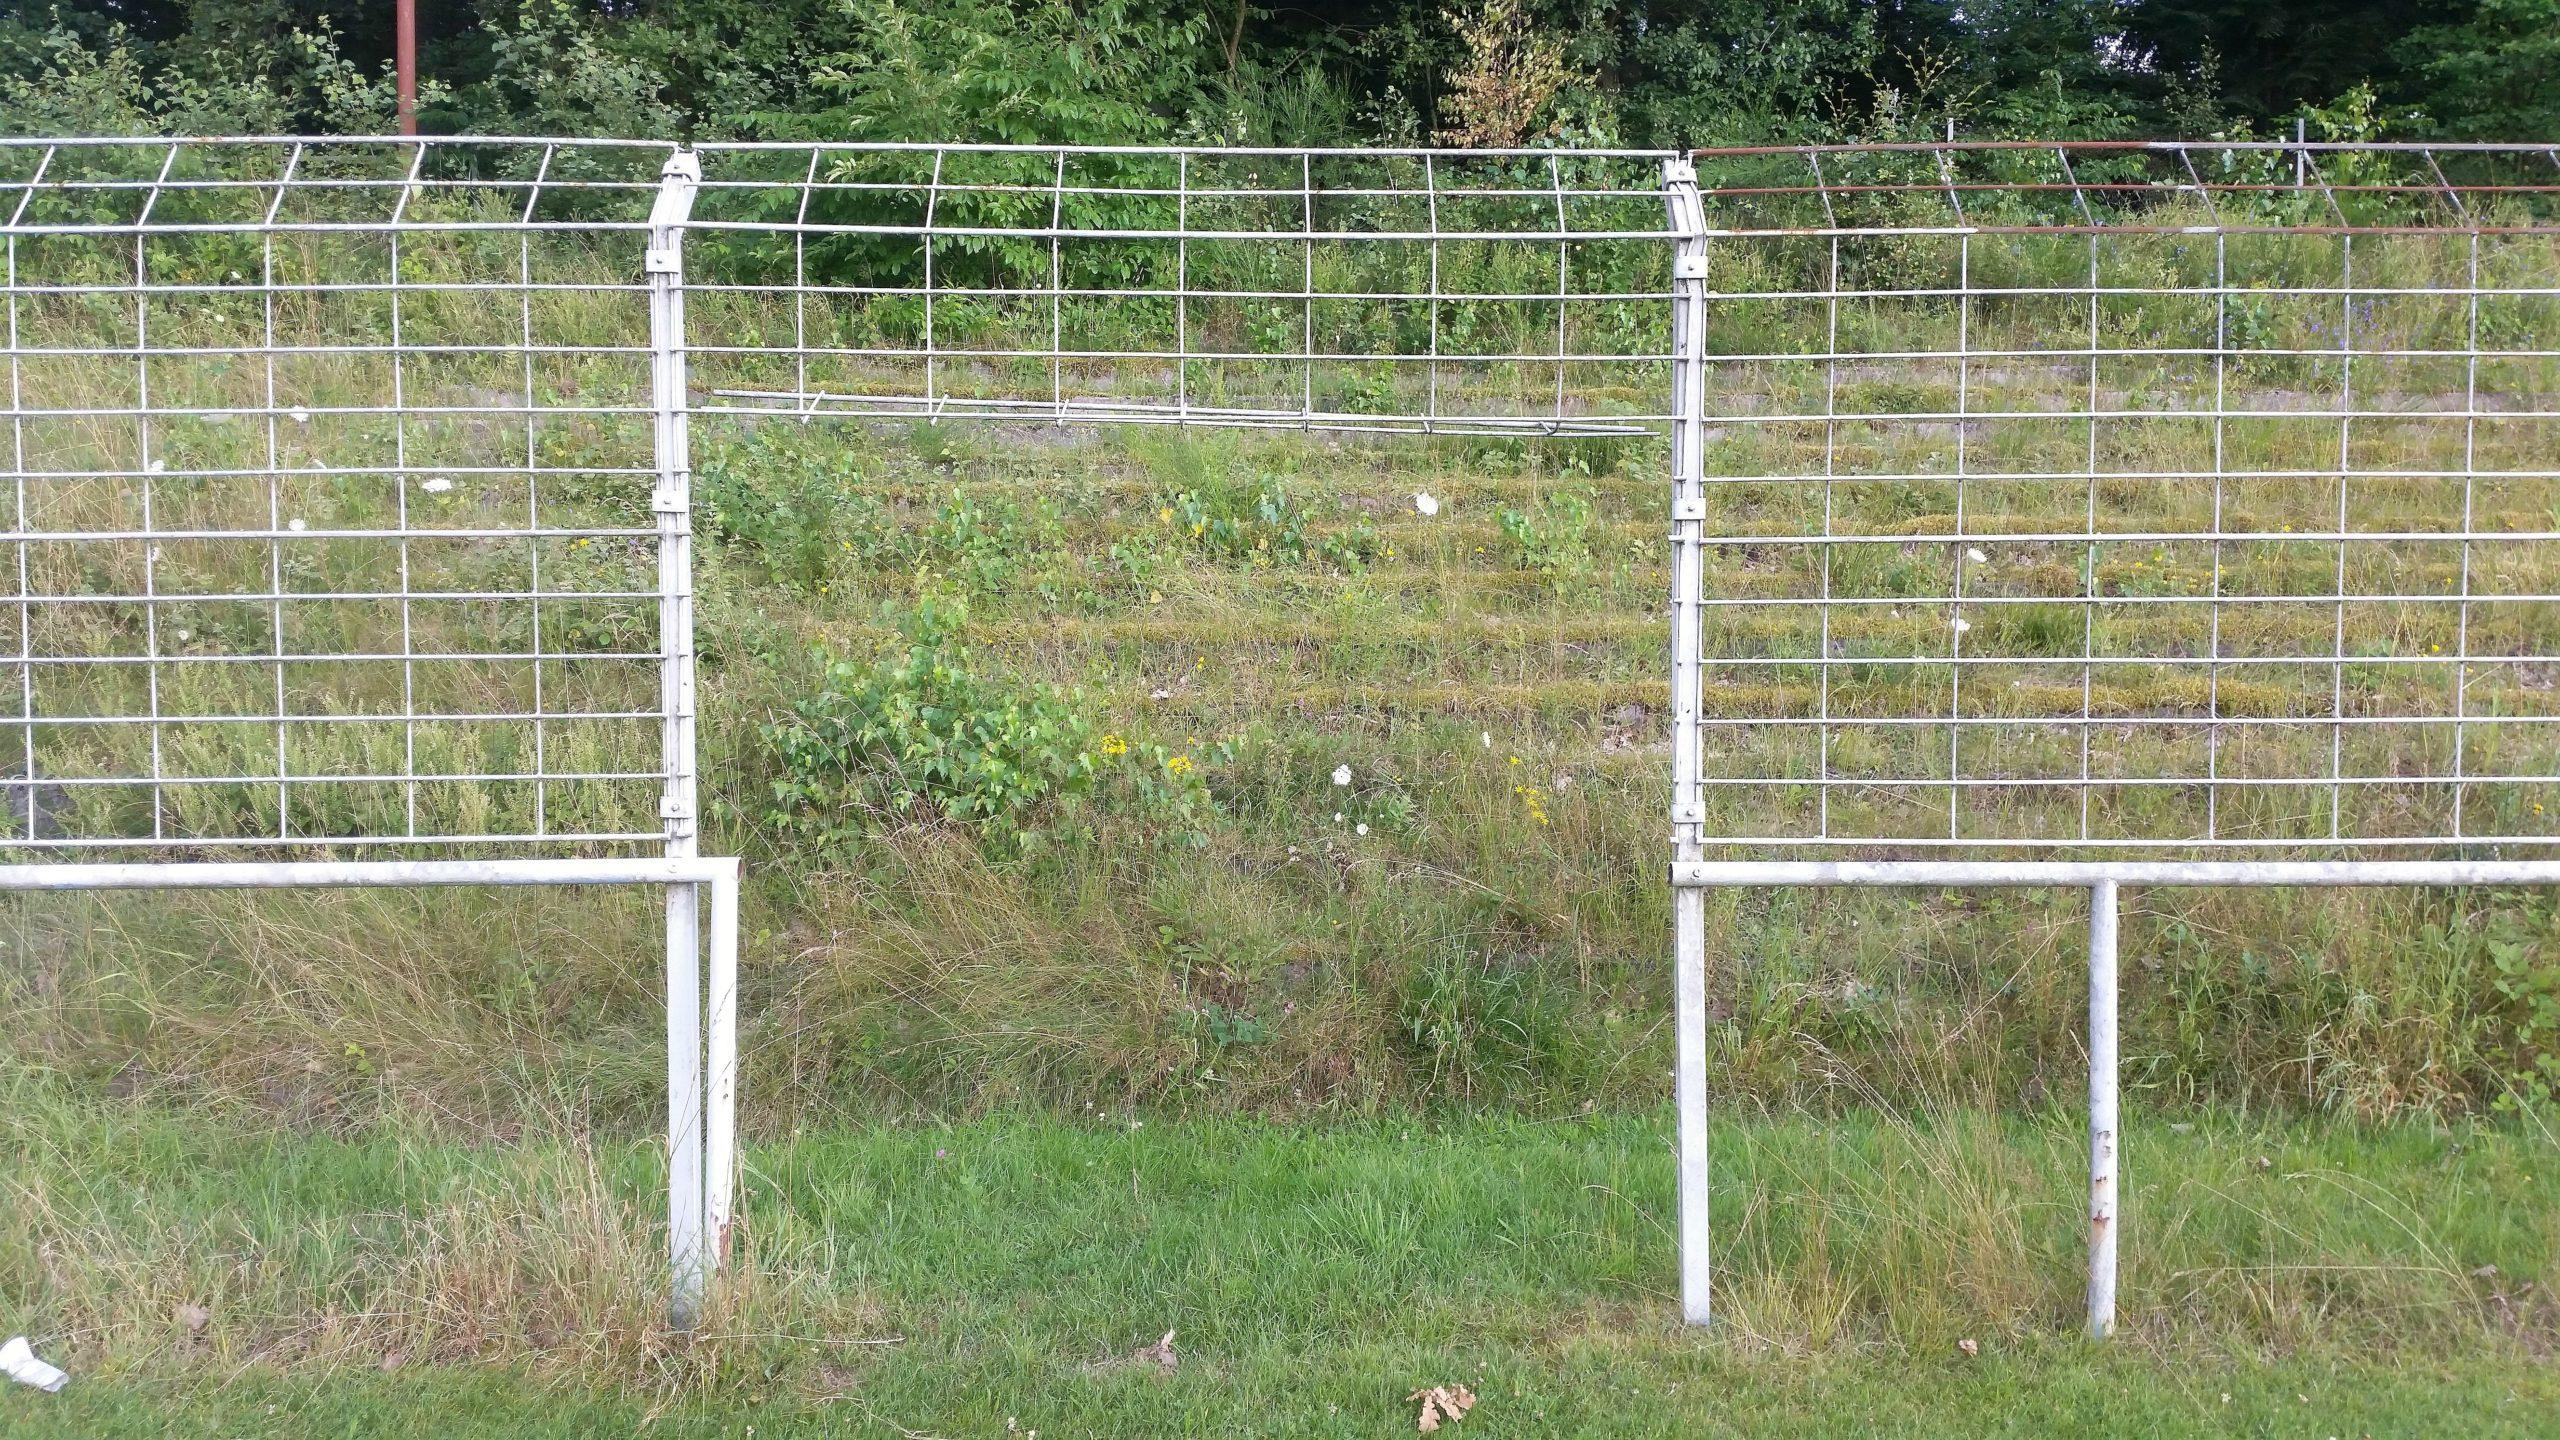 Der Zaun und die Stehstufen sind auch verschwunden